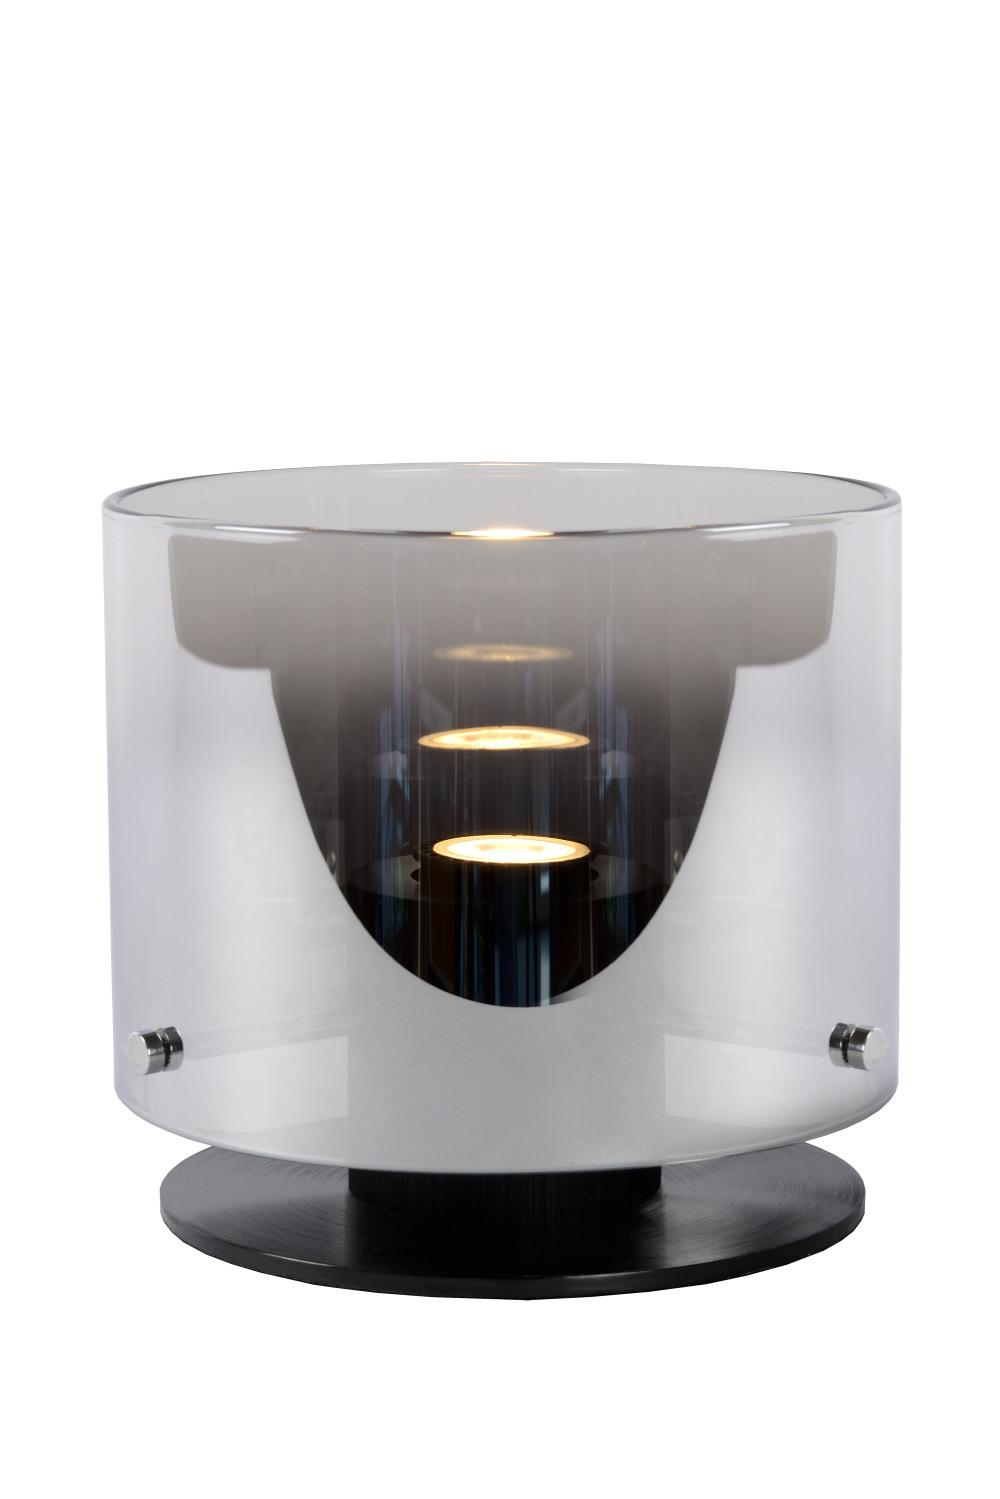 Lucide OWINO Tafellamp GU10 LED  20cm H 17cm Zwart/Fum